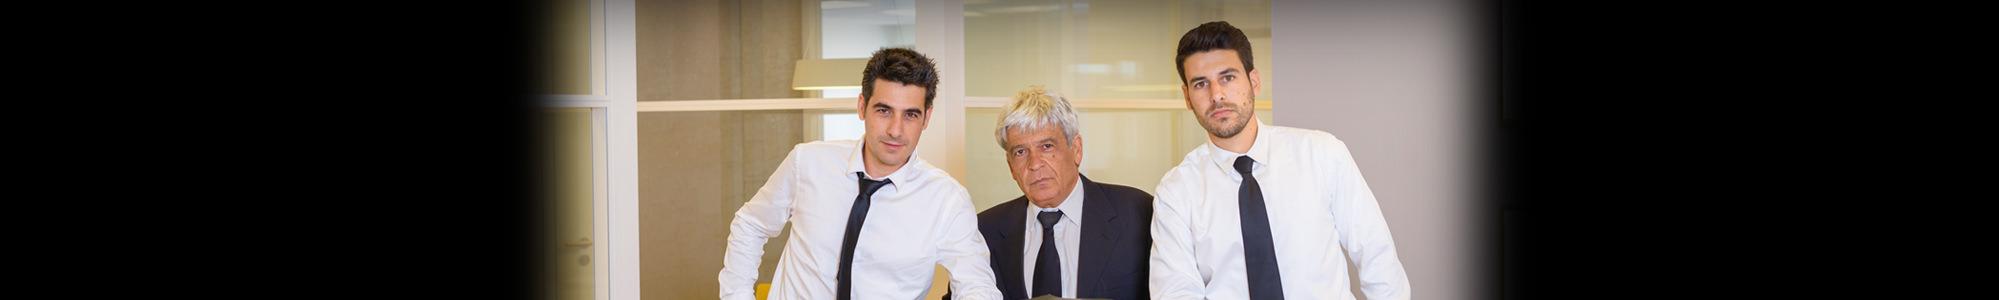 עורכי דין אורון